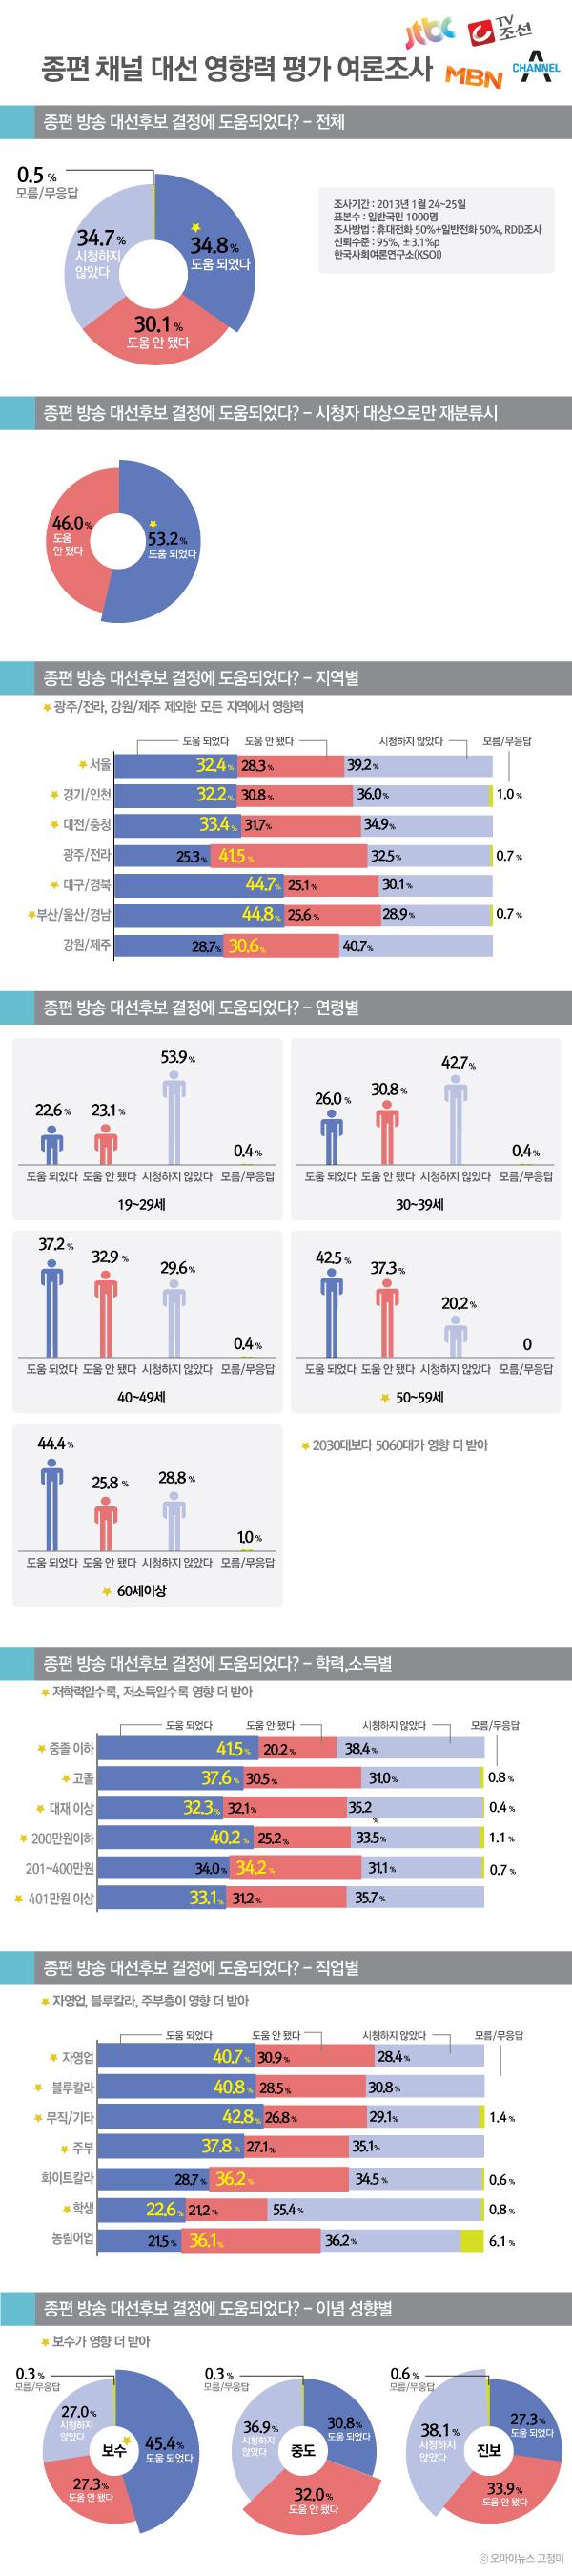 종편 채널 대선 영향력 평가 여론조사